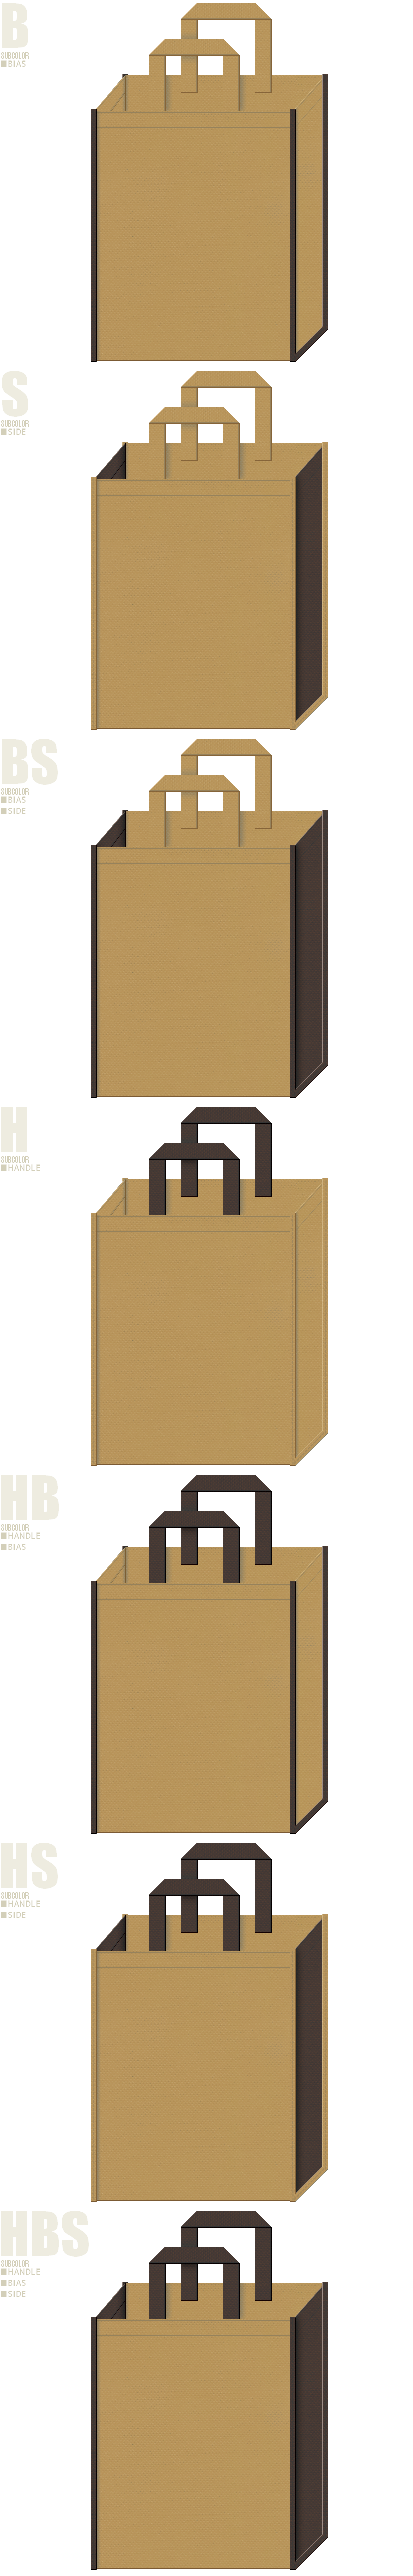 珈琲ロール・山小屋・ログハウス・石窯イメージ。金色系黄土色とこげ茶色、7パターンの不織布トートバッグ配色デザイン例。DIYの展示会用バッグにお奨めです。